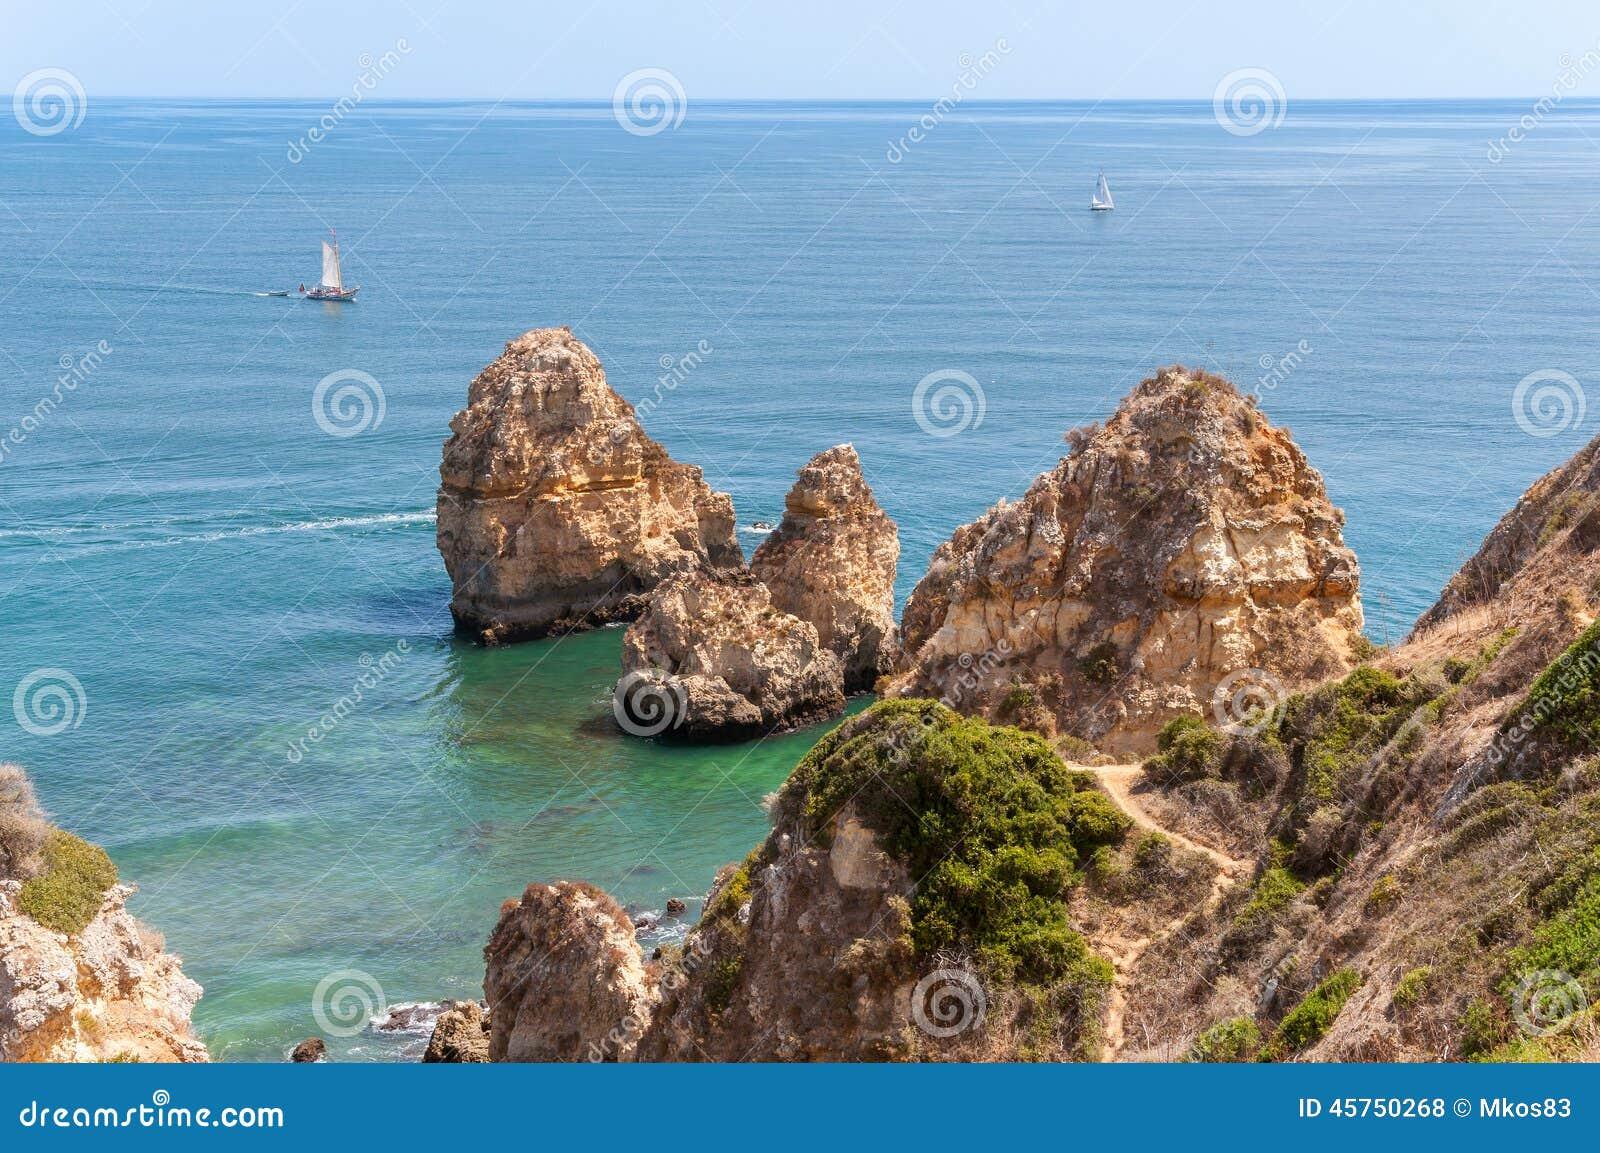 Ponta da Piedade, formazioni rocciose vicino a Lagos nel Portogallo